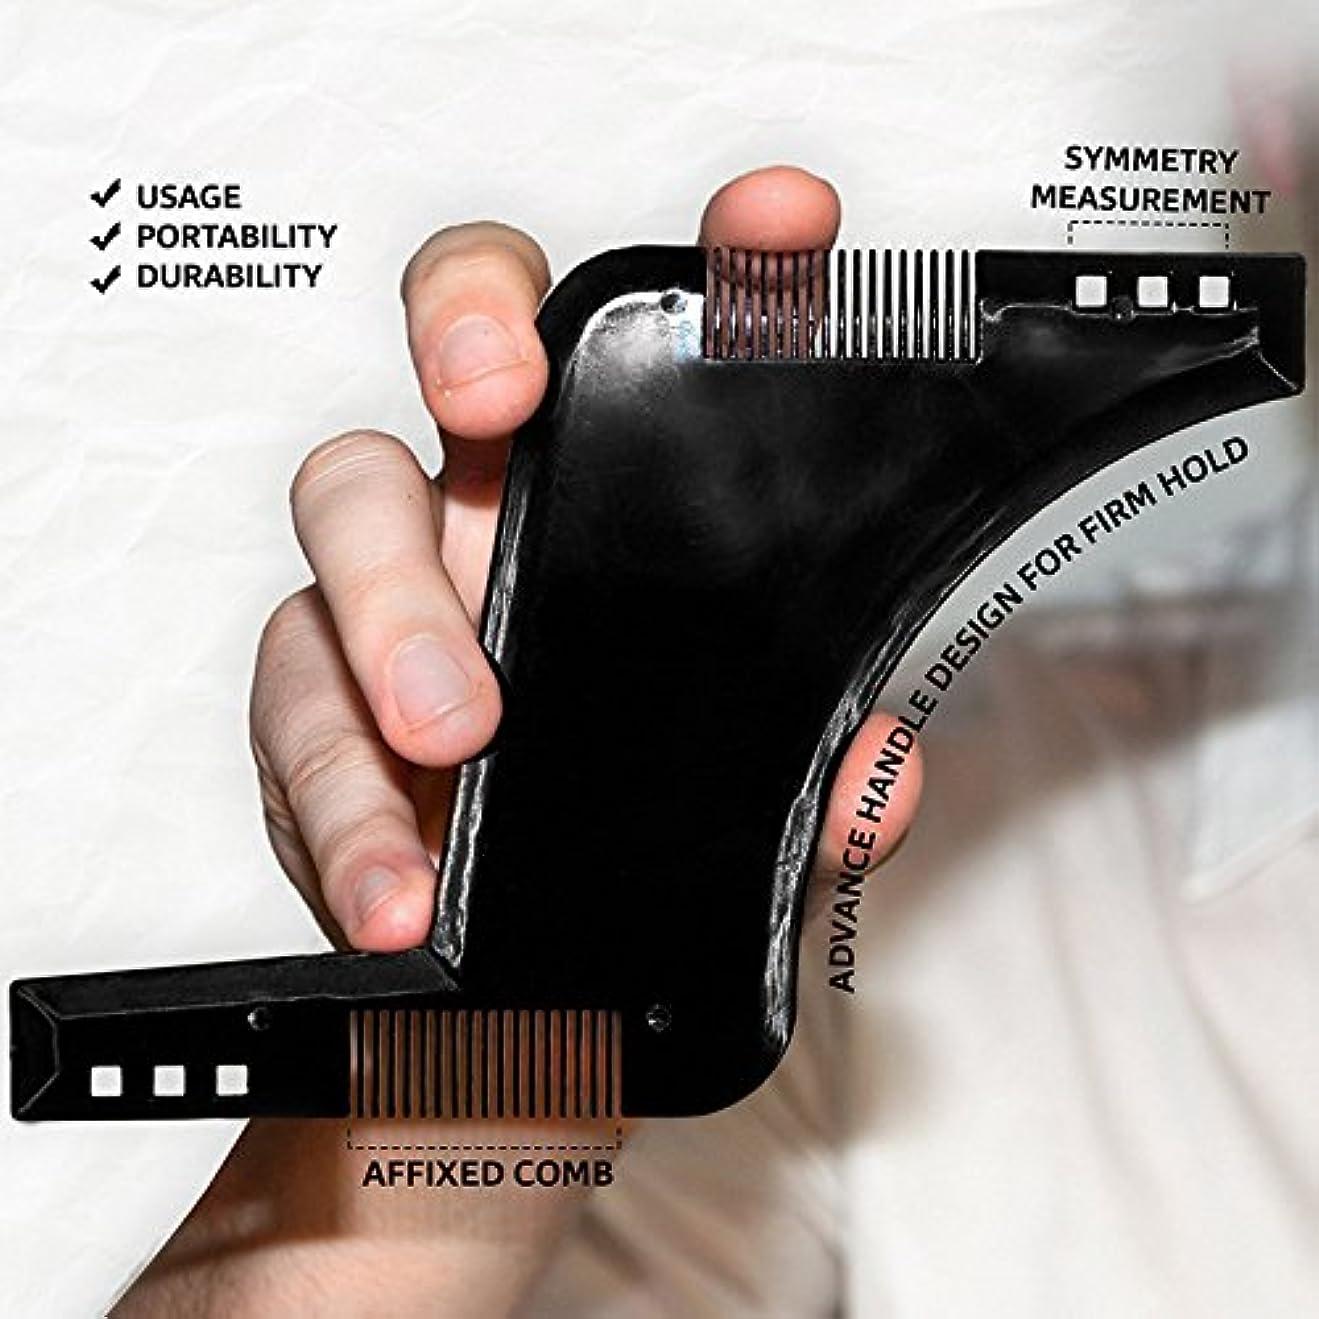 なぜ本質的に特権的Klaxiaz - 高品質カミソリシェービング剃刀理容ツール髪のカミソリと刃アンティークブラック折りたたみシェービングナイフハンドル銅シングル